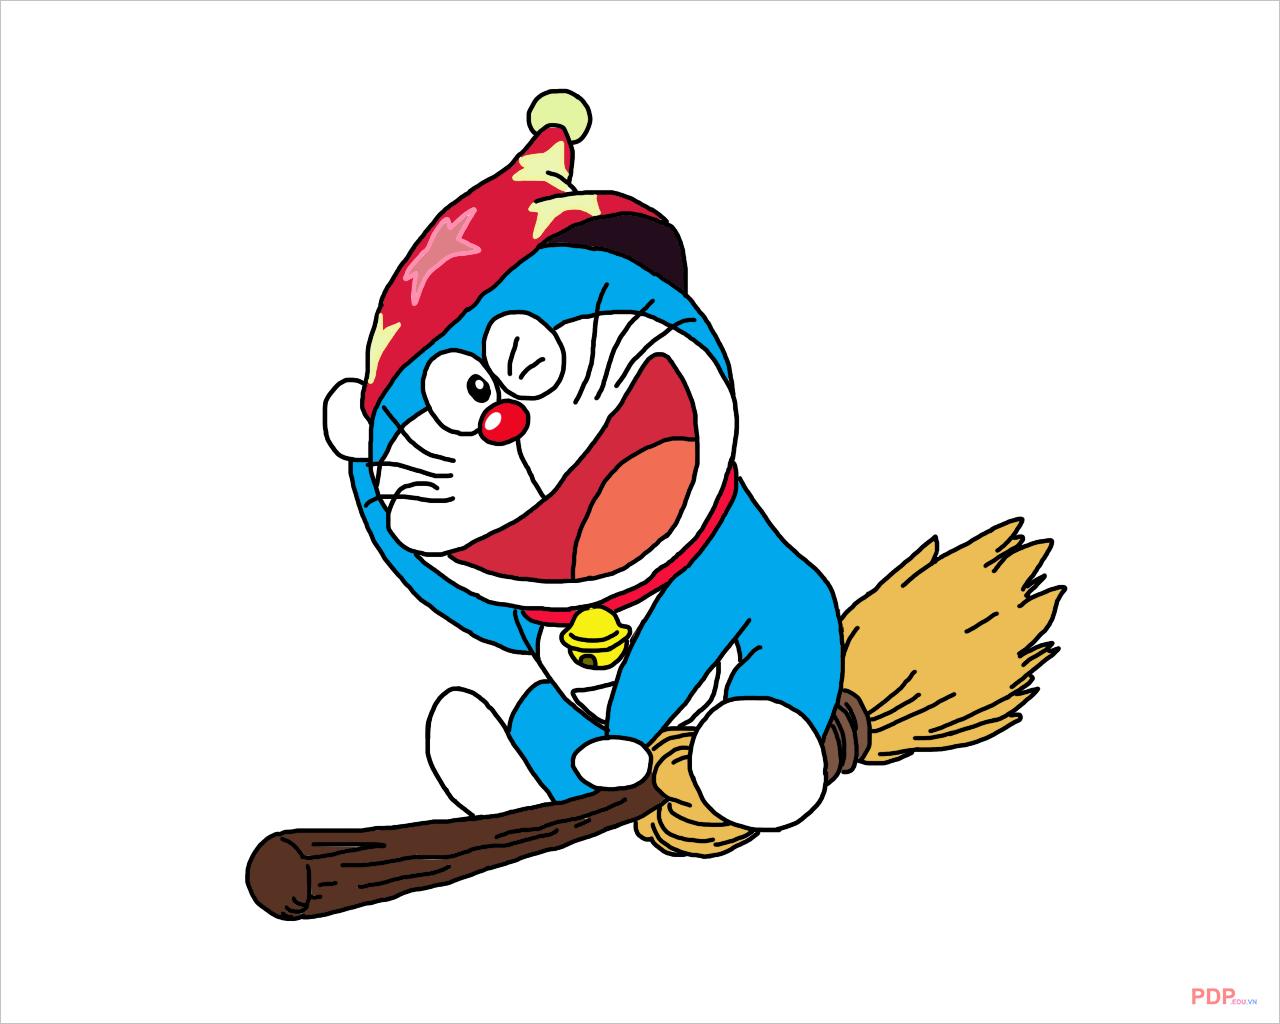 Hình ảnh avatar Doremon ngầu nhất